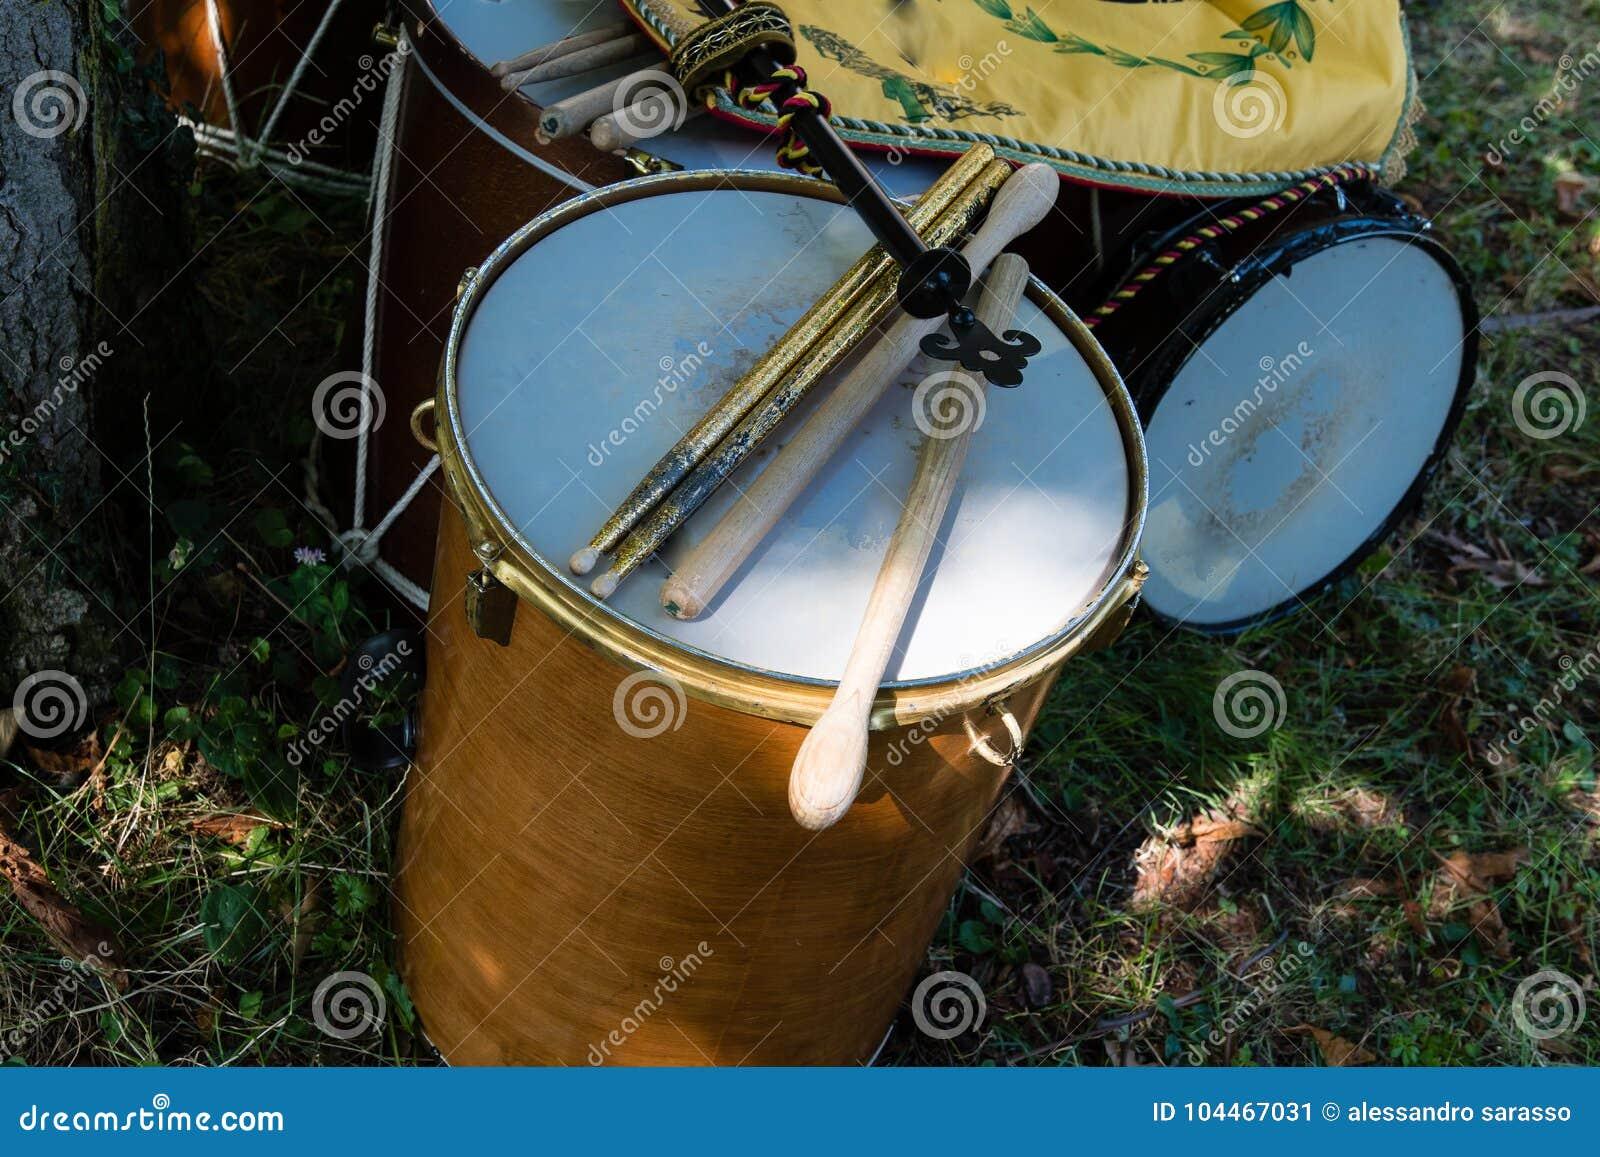 Middeleeuwse trommels tijdens het middeleeuws historisch weer invoeren